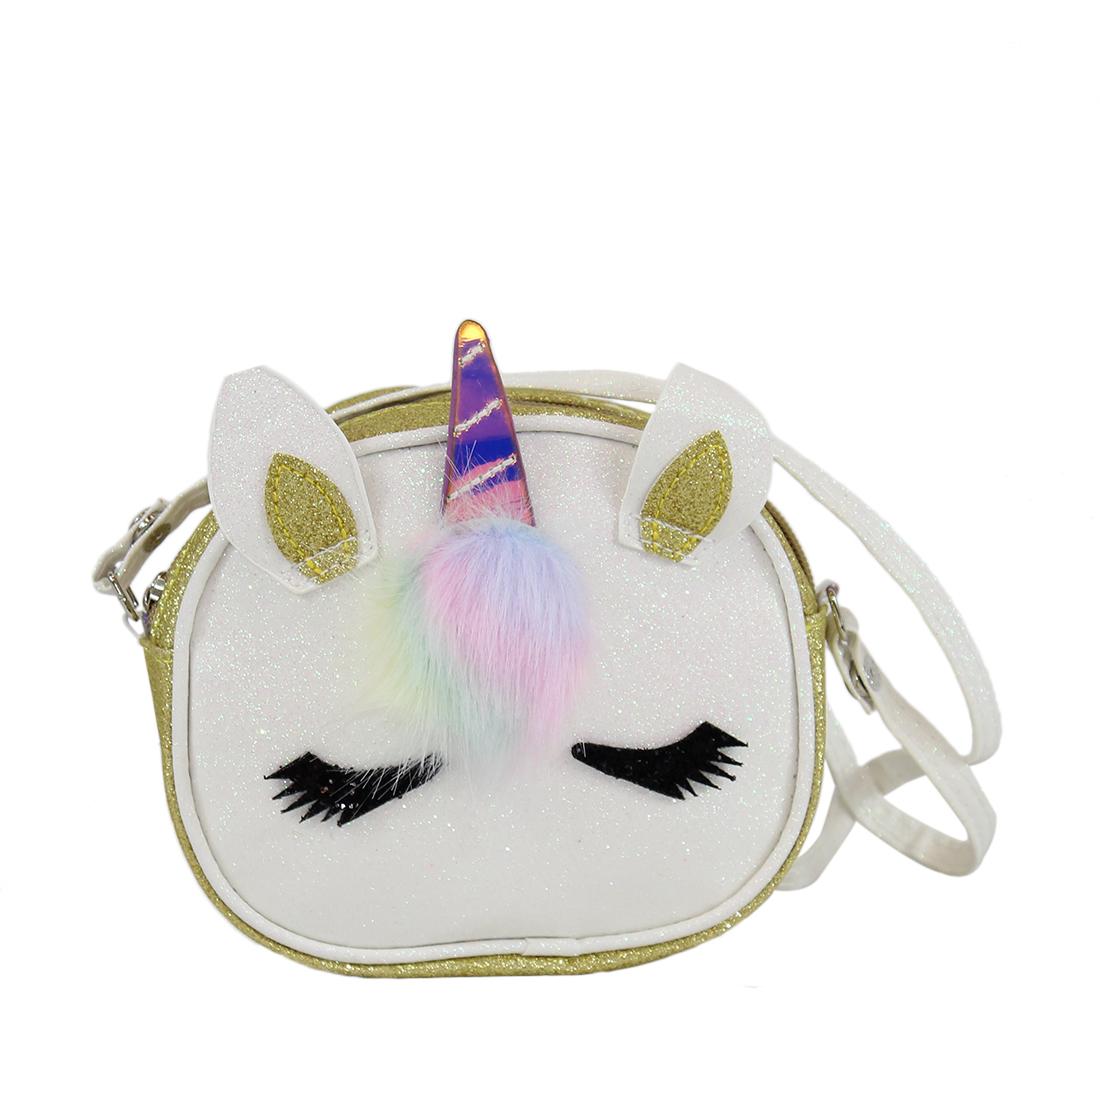 Unicorn with glitters design